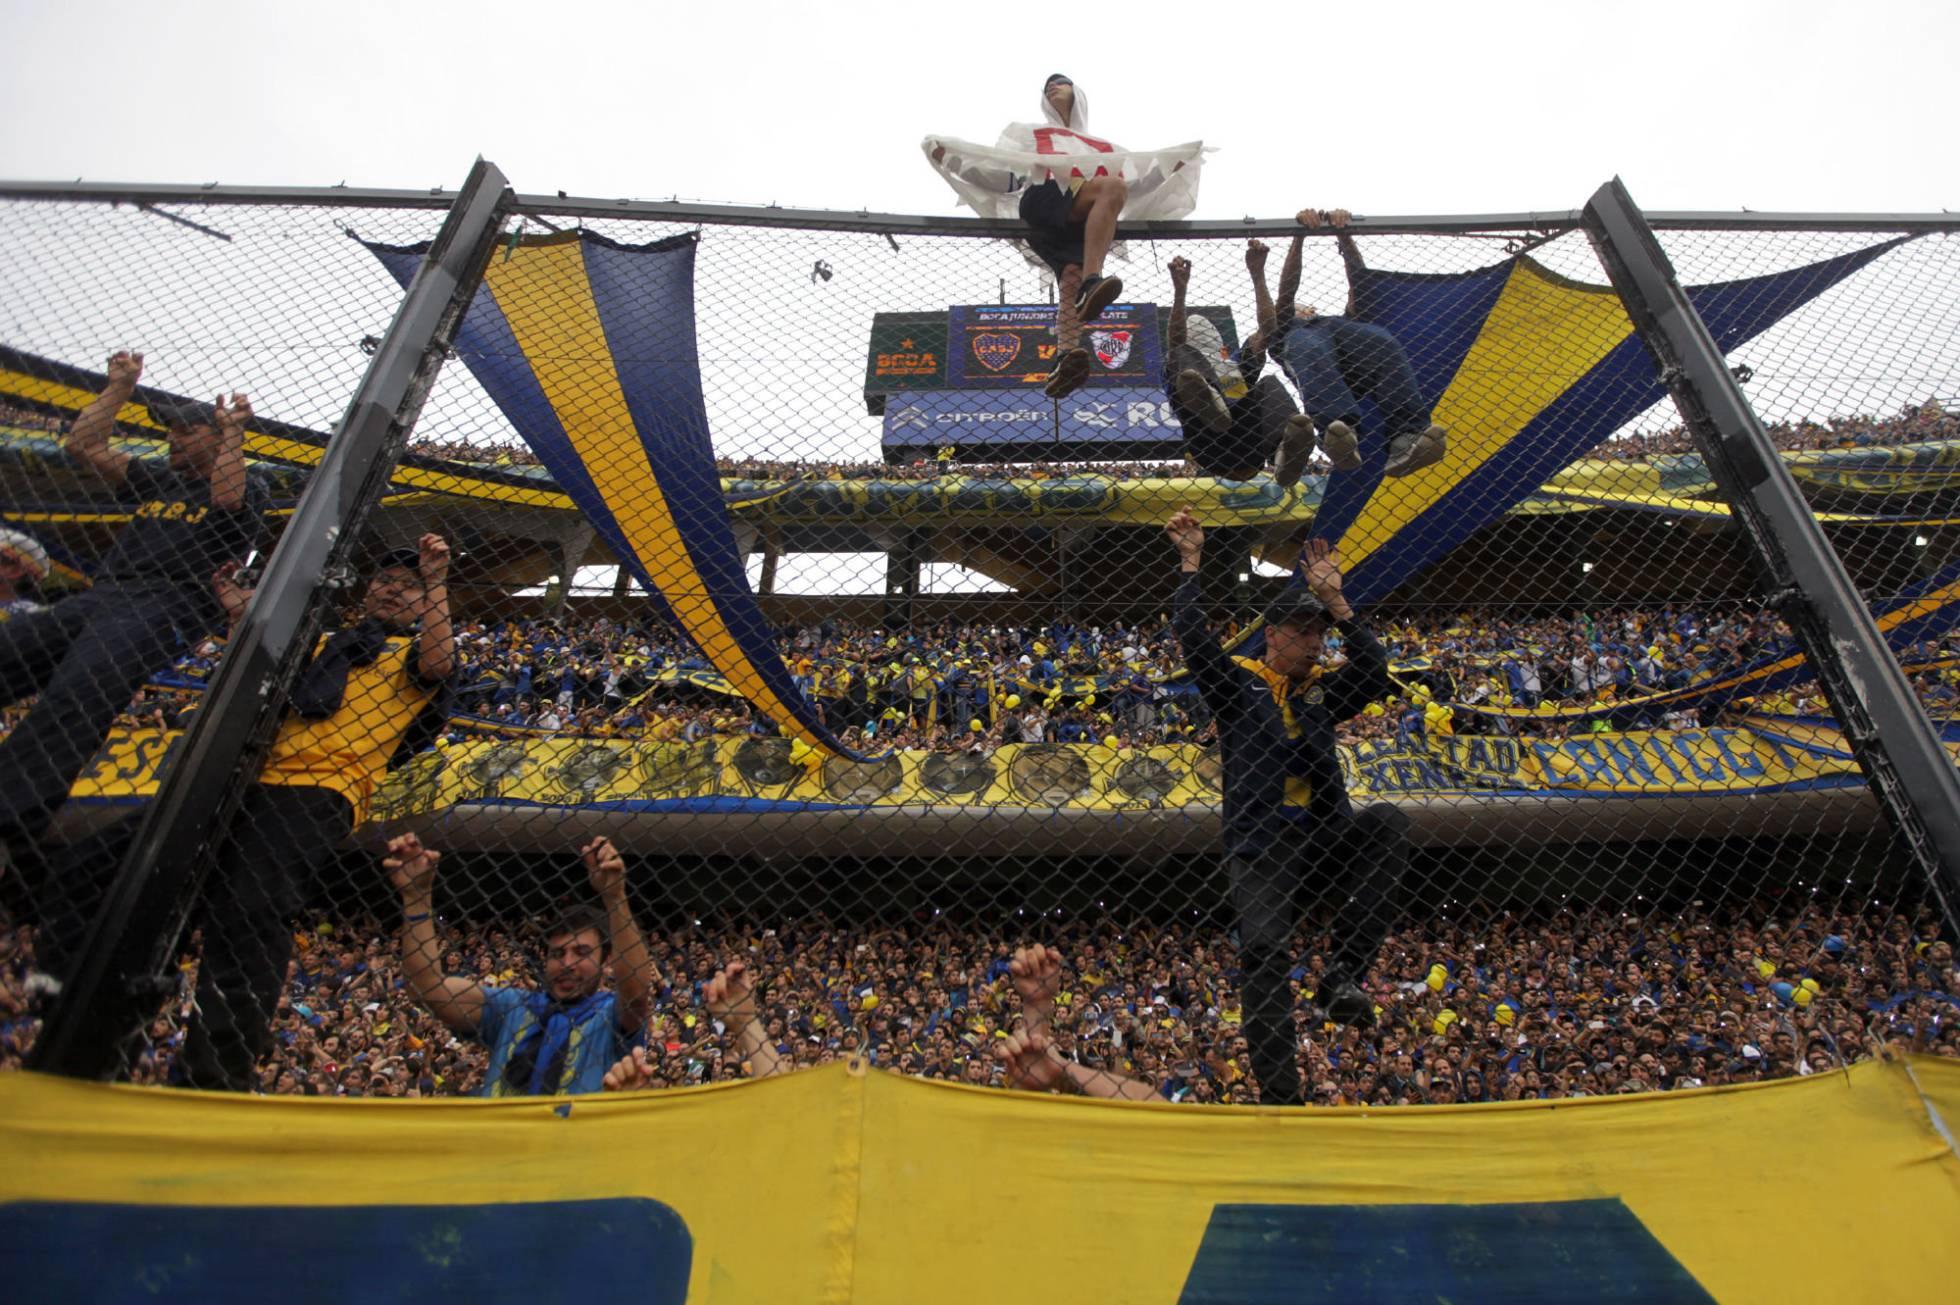 La reventa multiplica hasta por 70 los boletos para la superfinal entre Boca y River